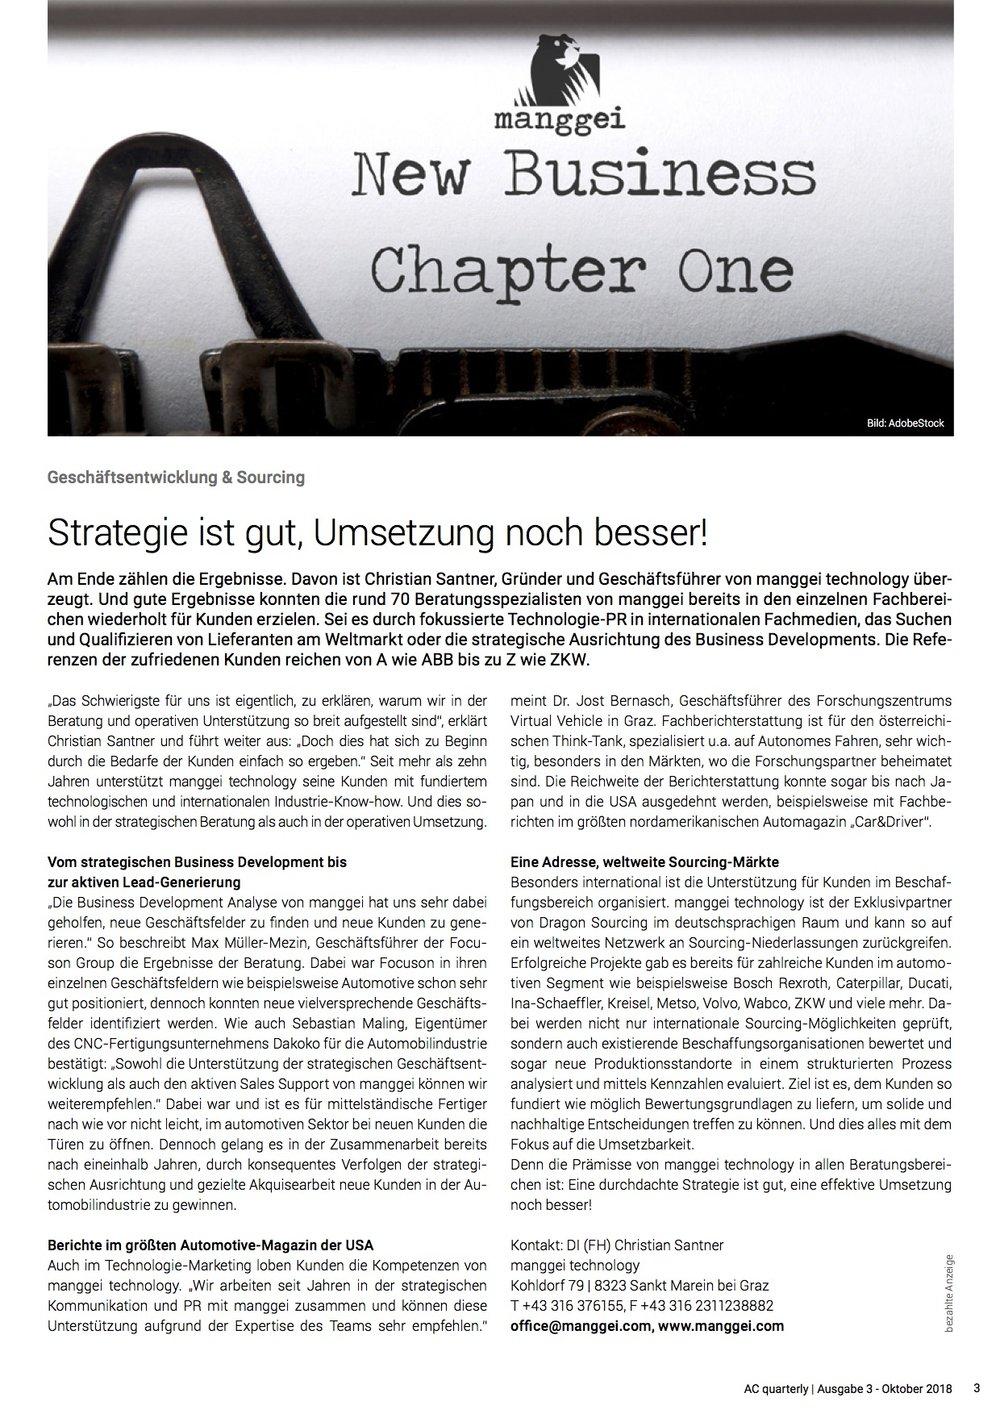 AC quaterly | Ausgabe 3 - Oktober 2018, Seite 3